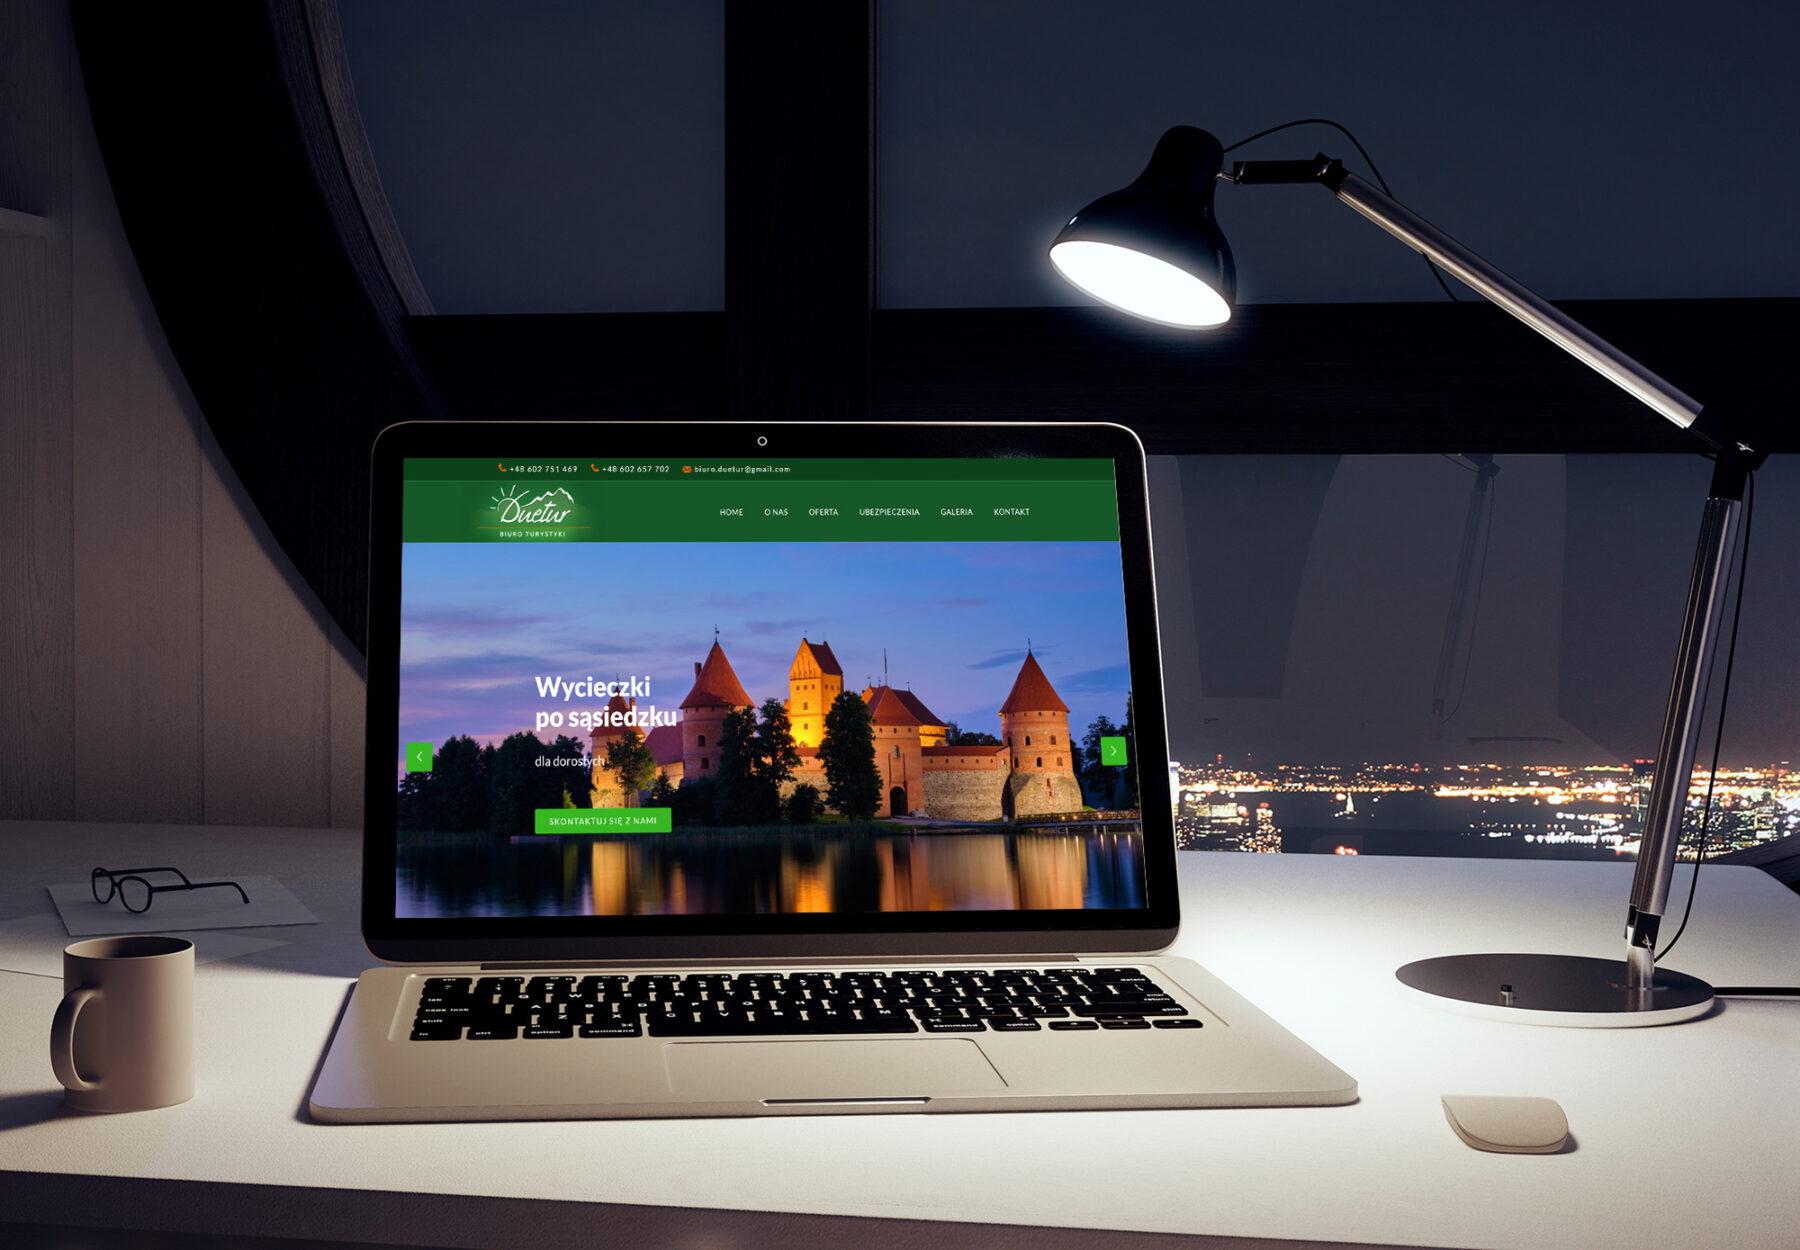 Projektowanie stron www - strona internetowa duetur.pl - obraz 1